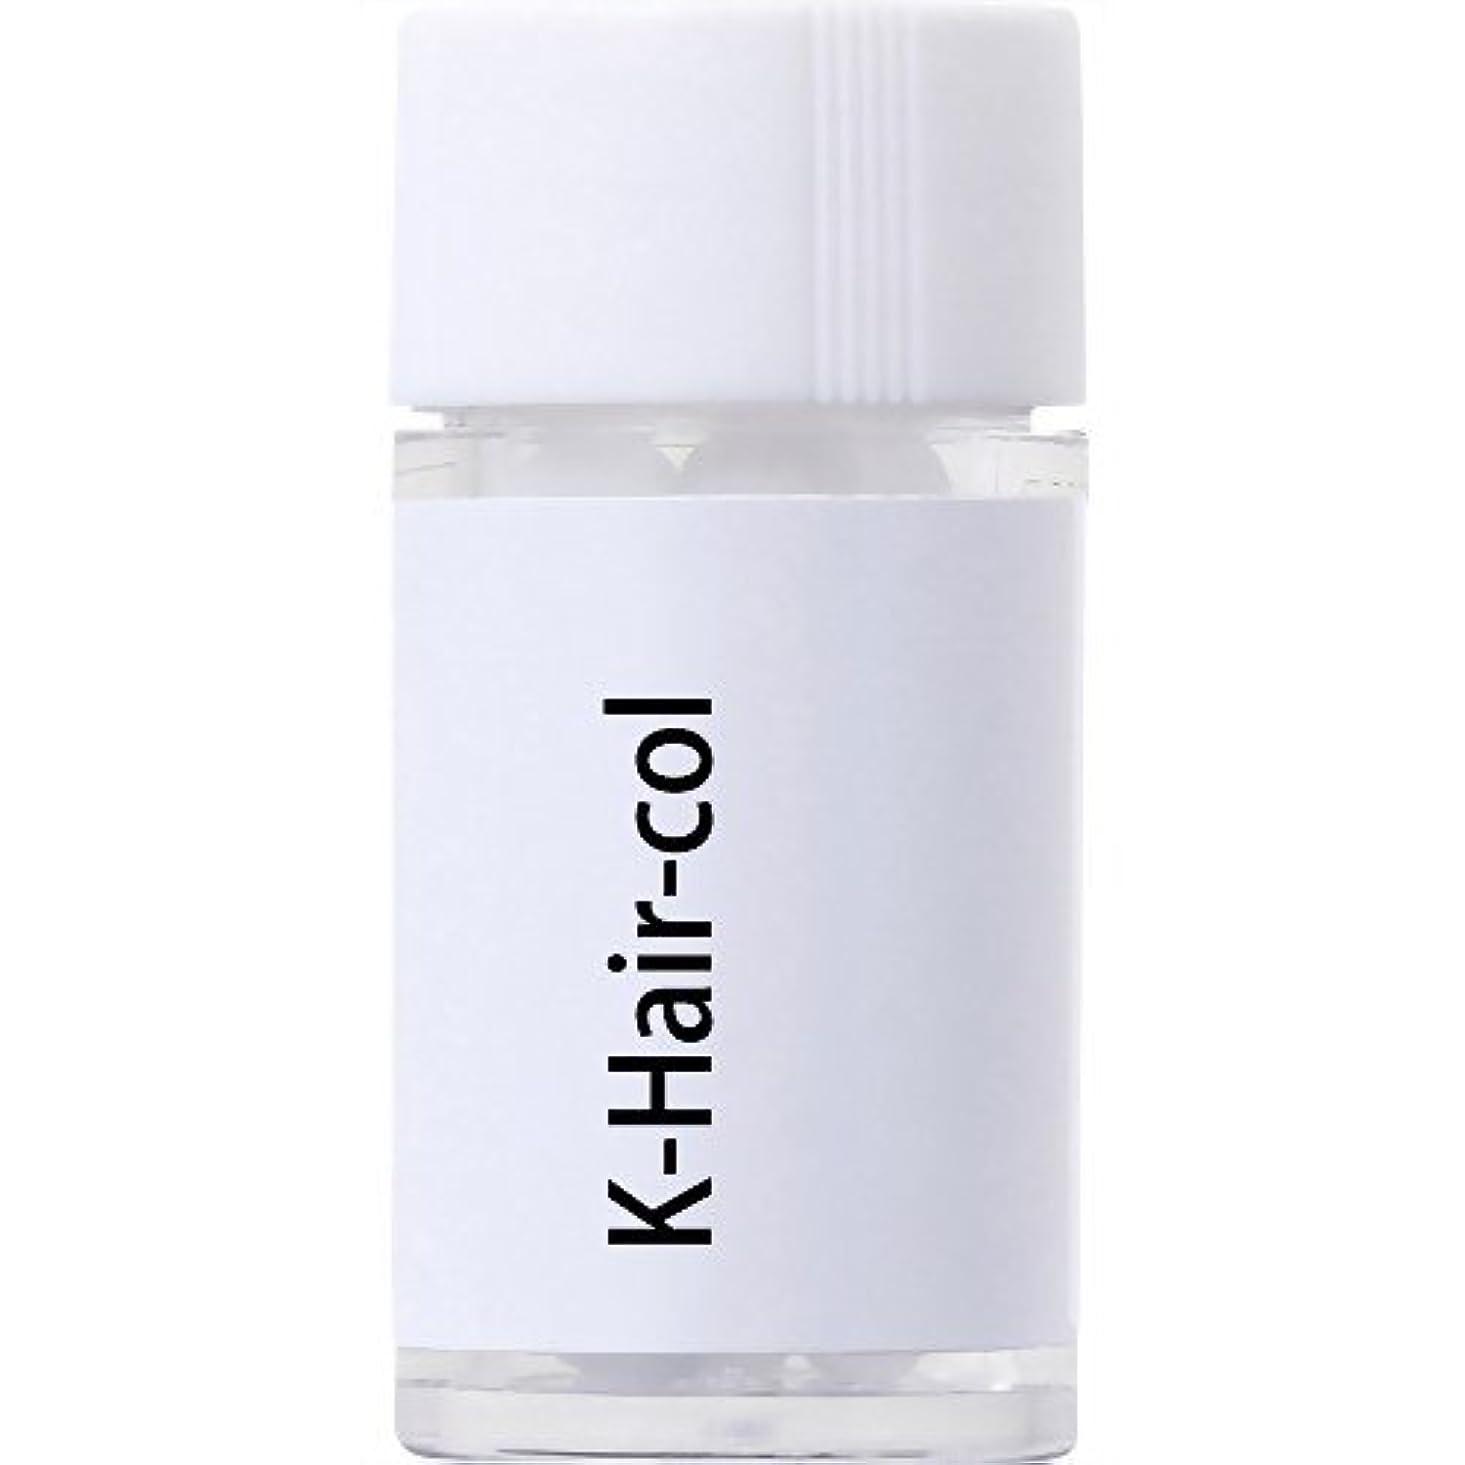 報復モンゴメリーキャンベラホメオパシージャパンレメディー K-Hair-col(小ビン)